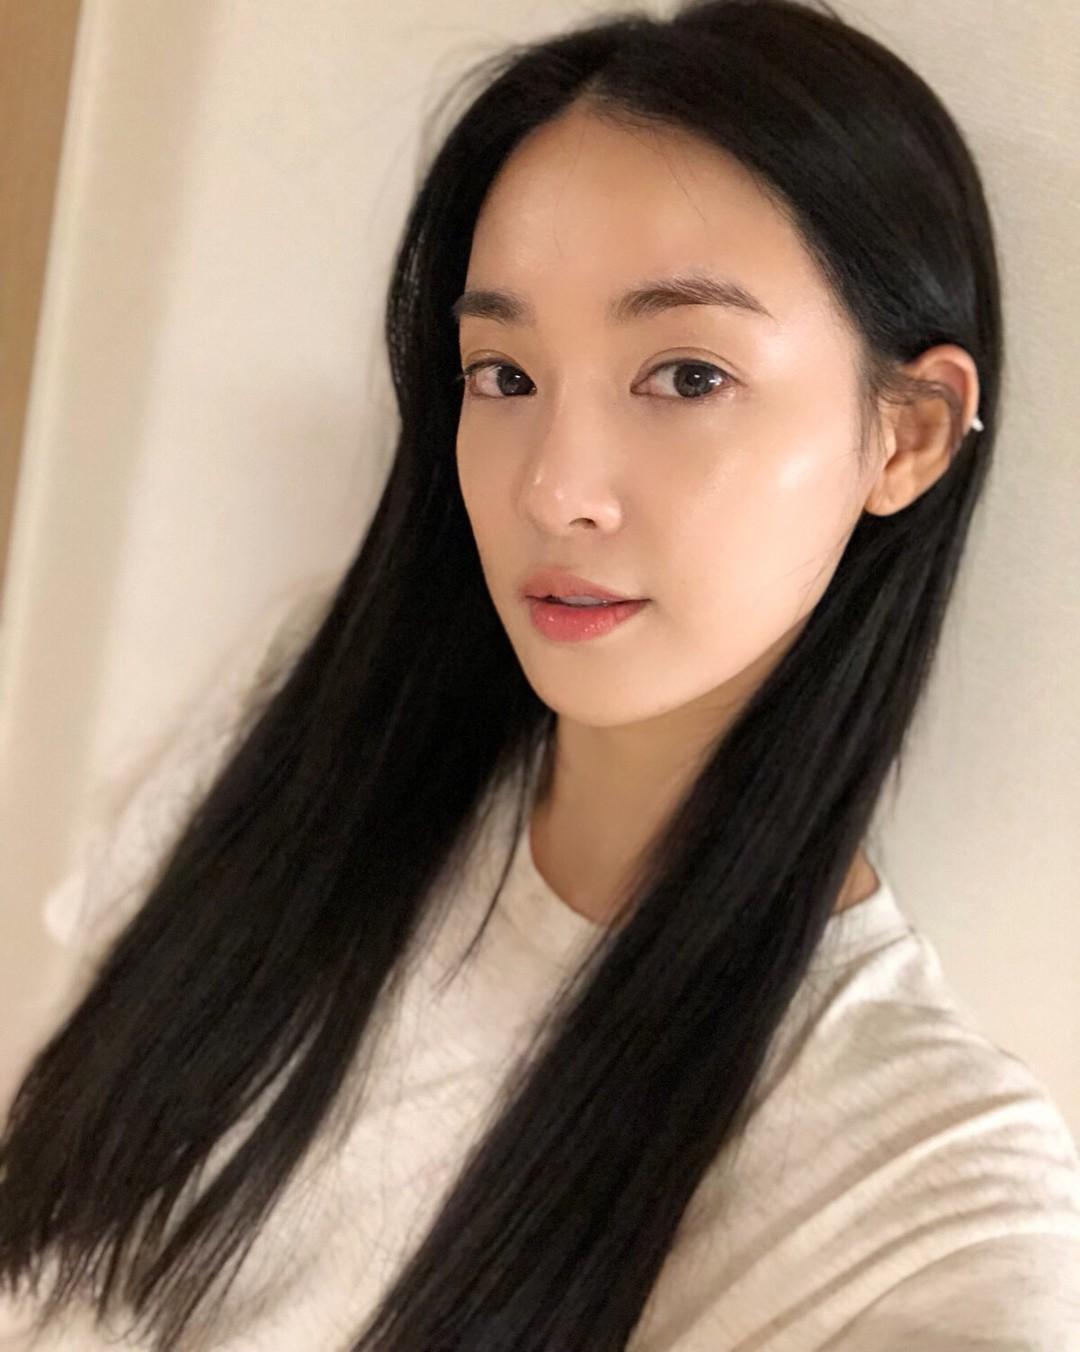 Được Hyoyeon (SNSD) và Lee Joo Yeon sử dụng, loại mặt nạ này lại tiếp tục được các tín đồ làm đẹp Hàn thi nhau tìm mua - Ảnh 2.